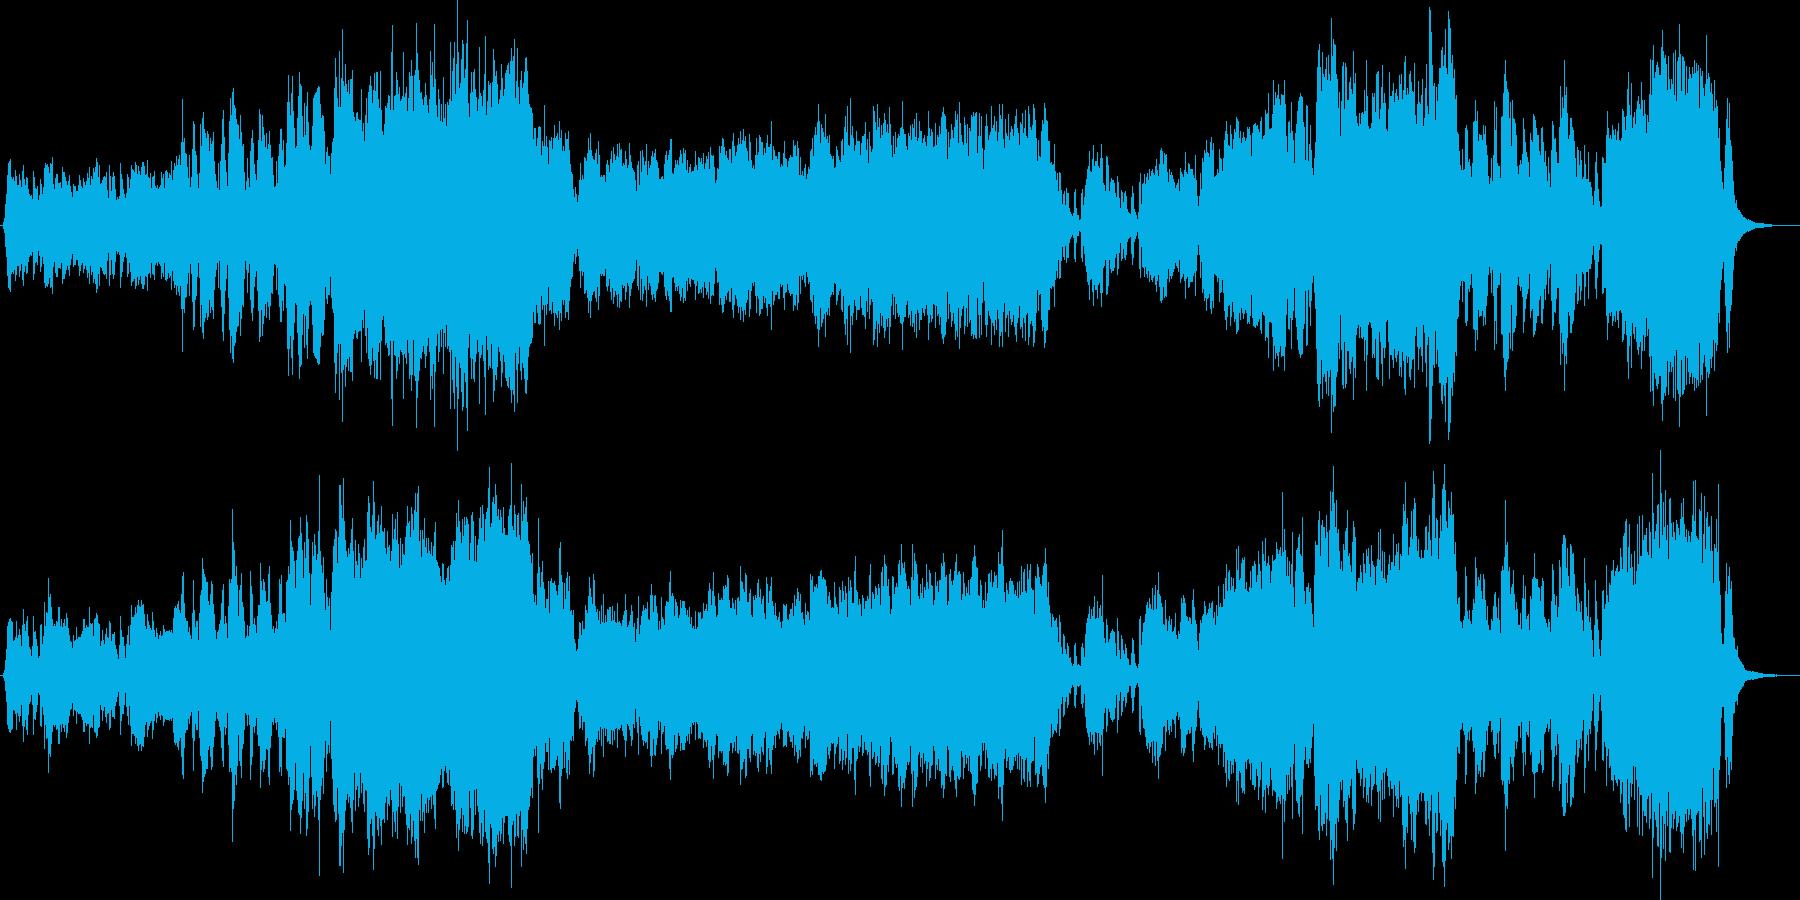 明るく軽快、華やかなオーケストラ曲の再生済みの波形